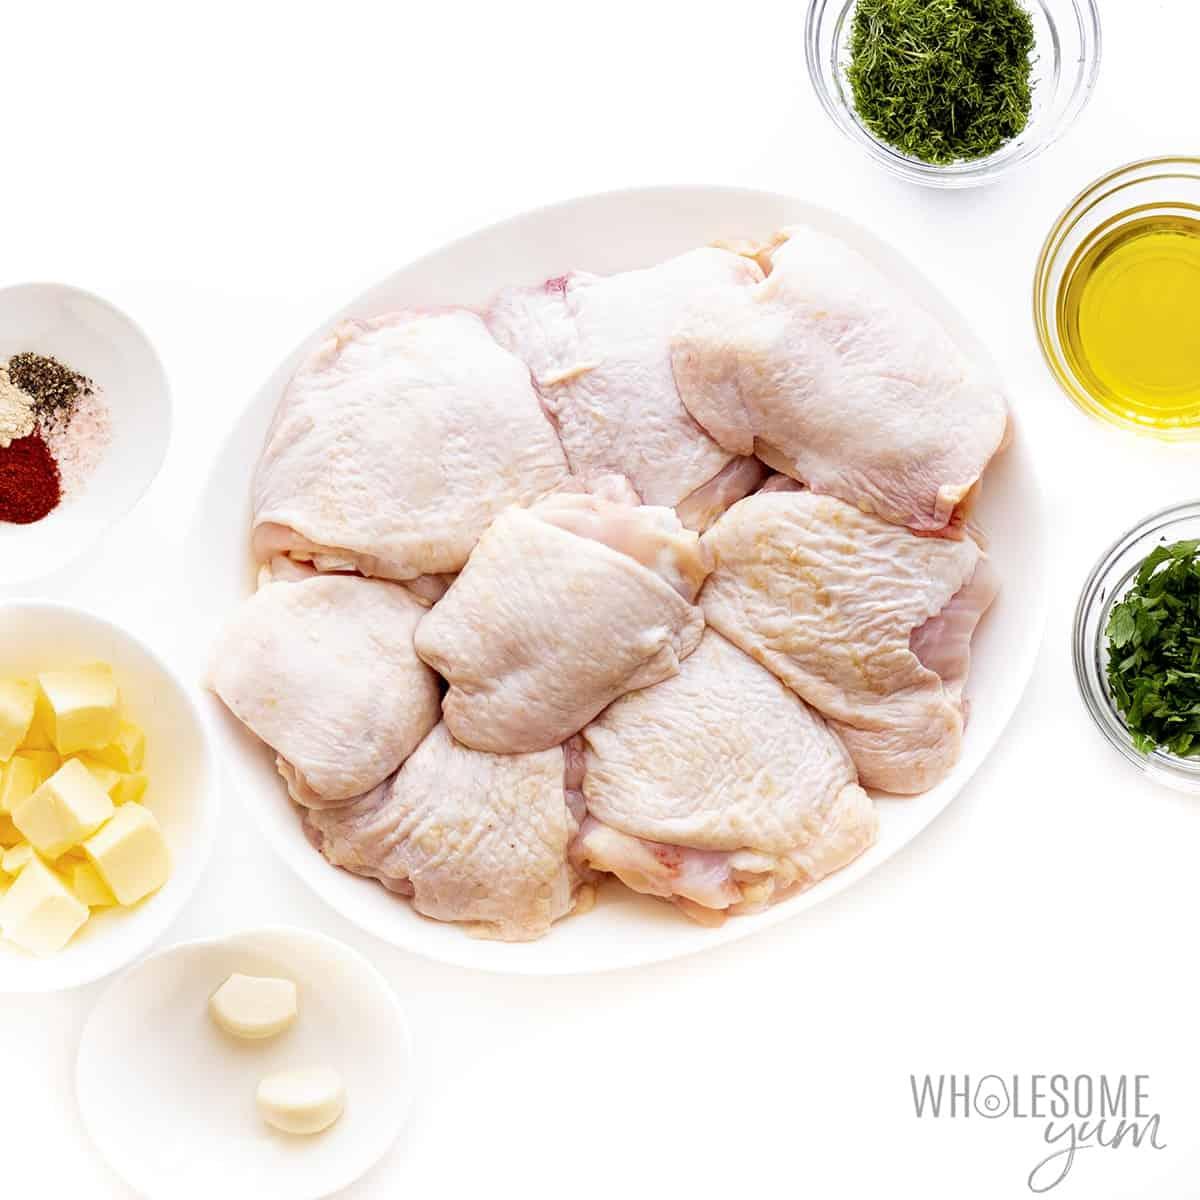 Ingredients to make chicken thighs recipe